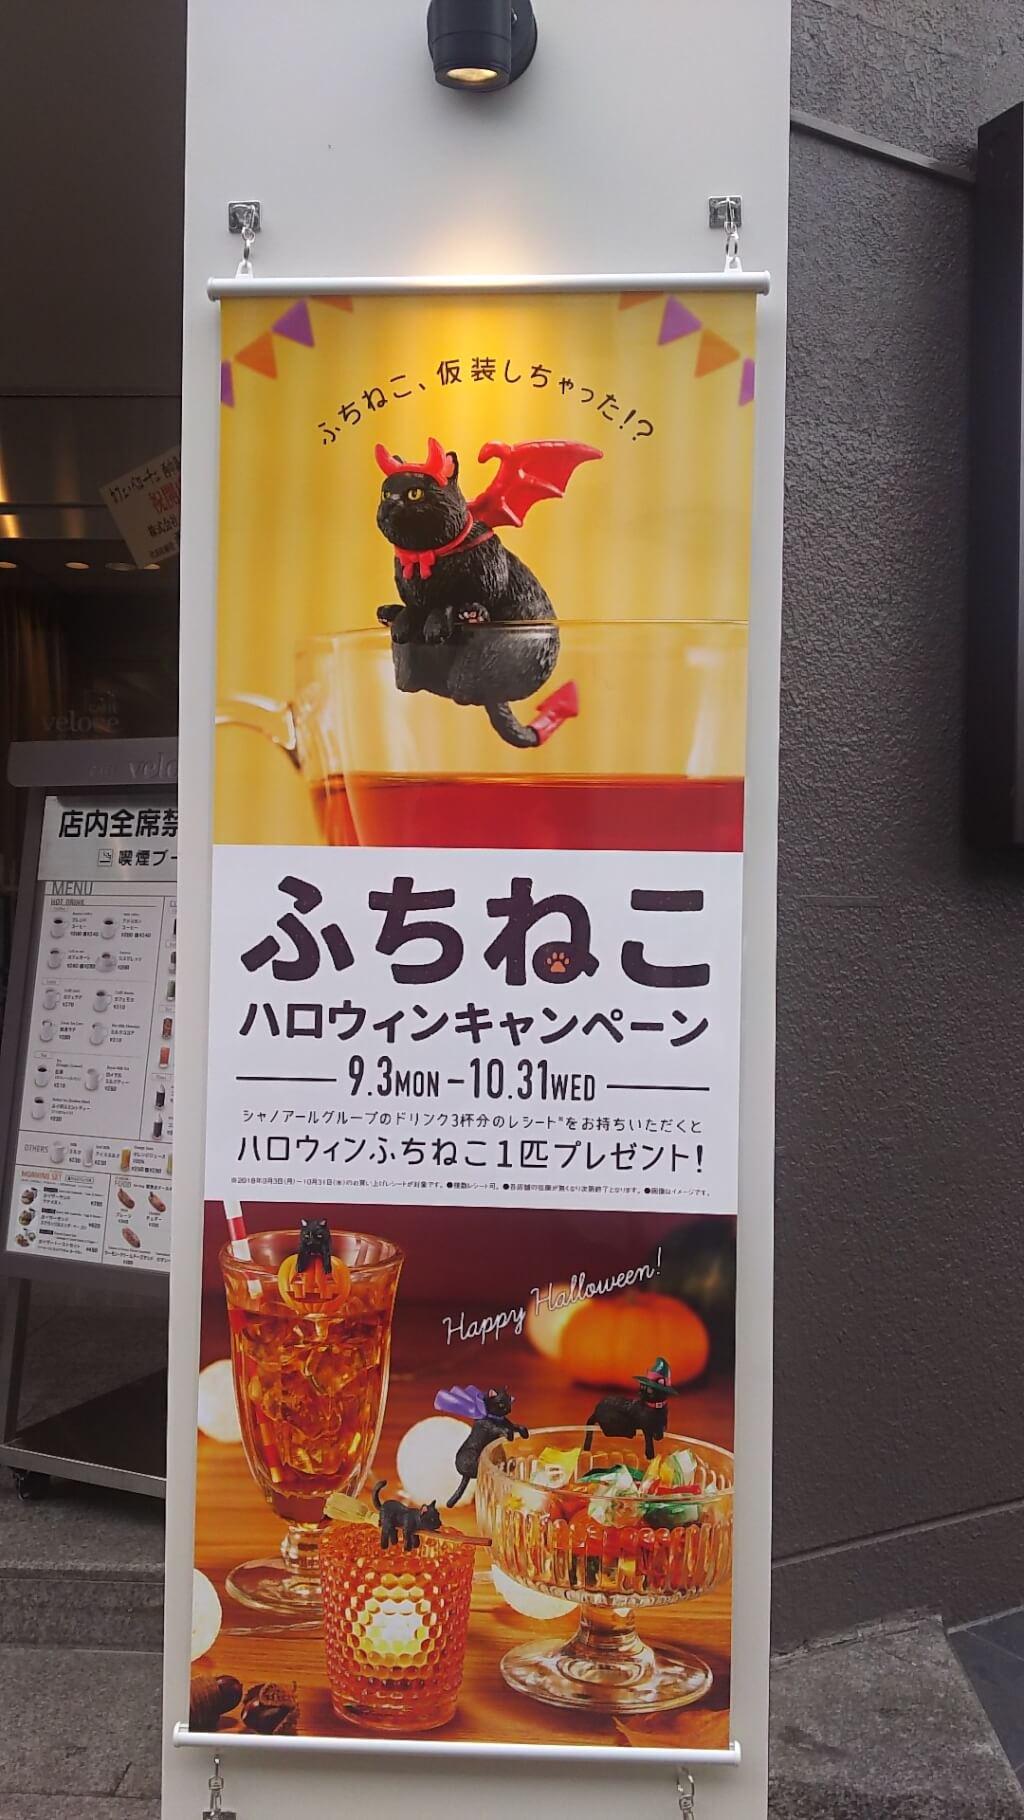 カフェ・ベローチェ 西中島南方店 ふちねこ ハロウィン キャンペーン